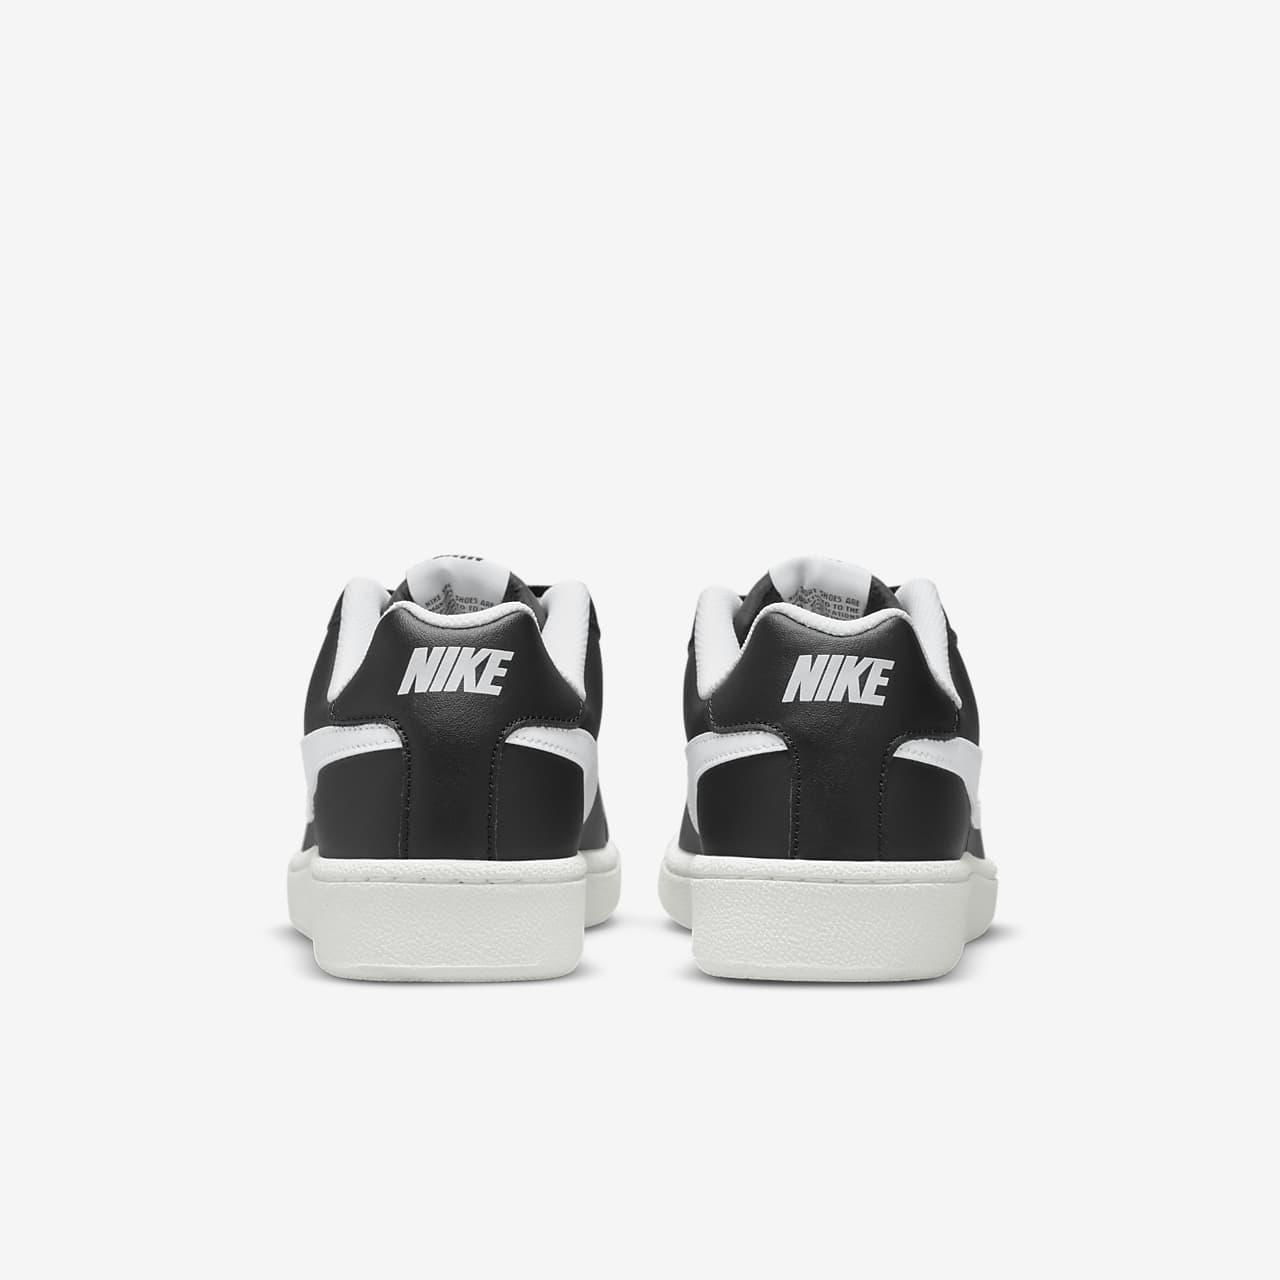 2958e311 Calzado para hombre Nike Court Royale. Nike.com MX